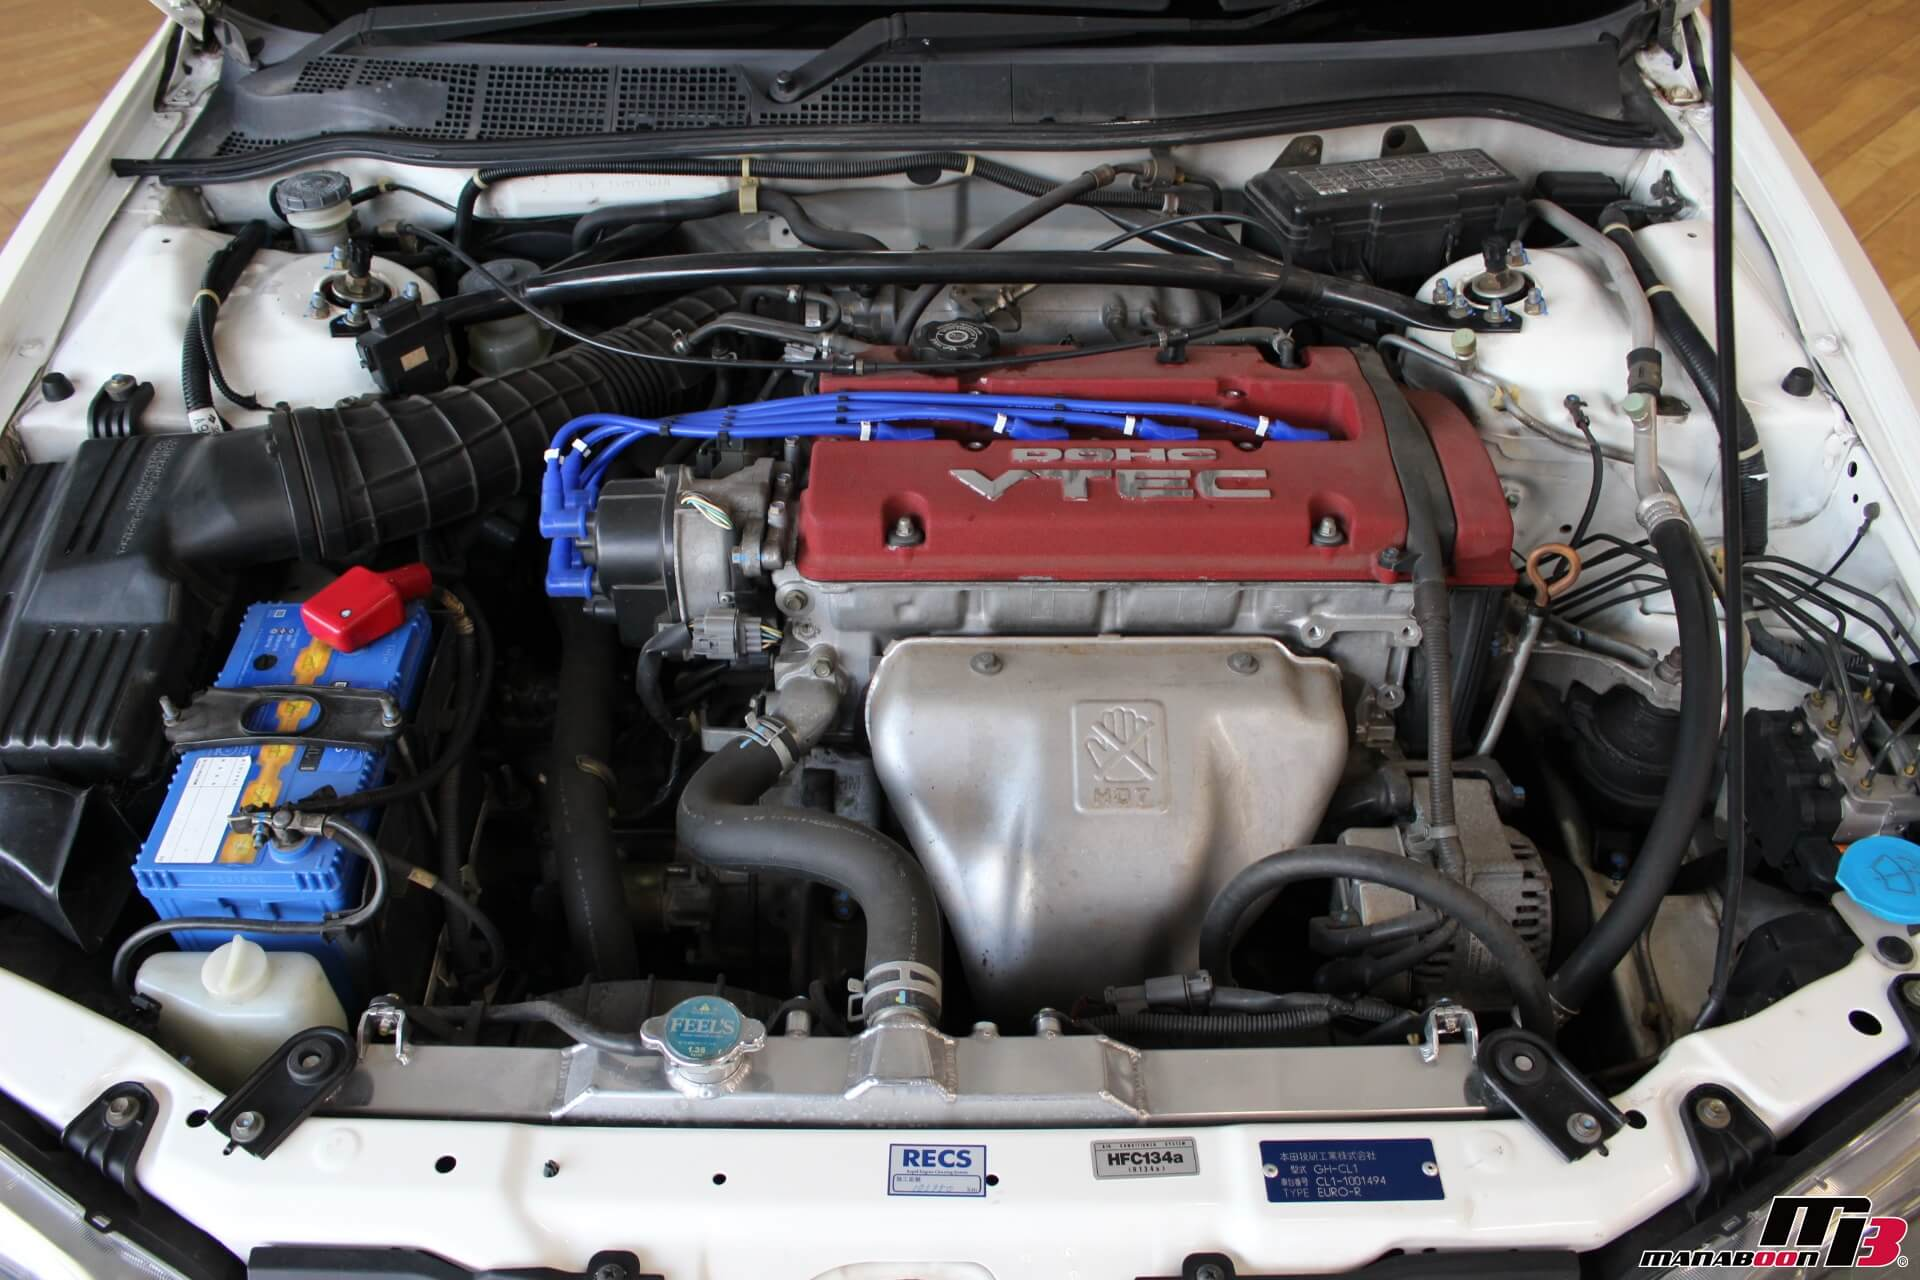 H22Aエンジン画像